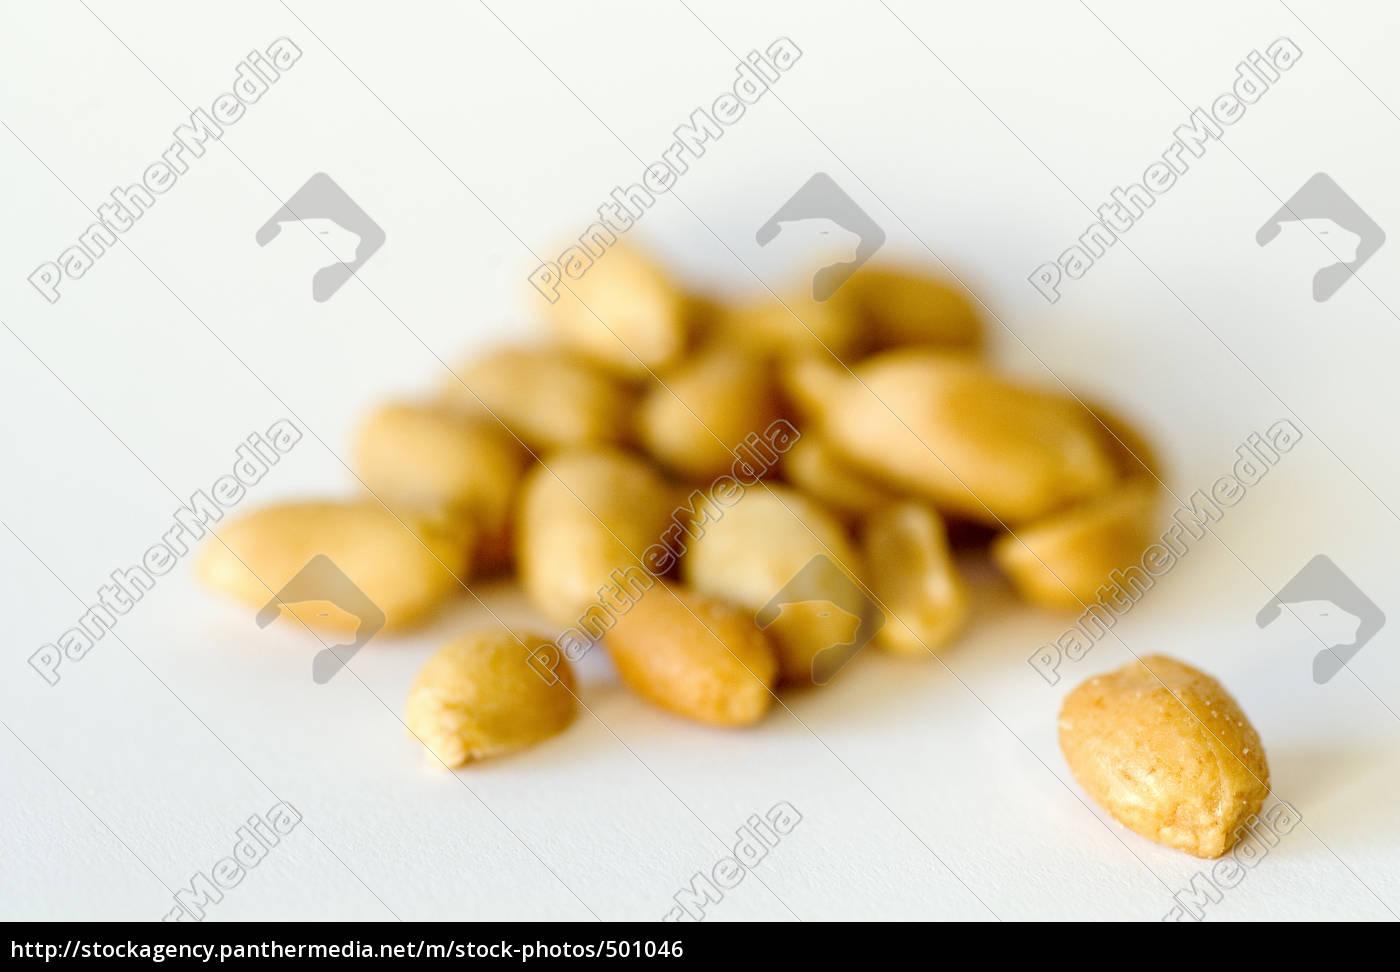 peanuts - 501046